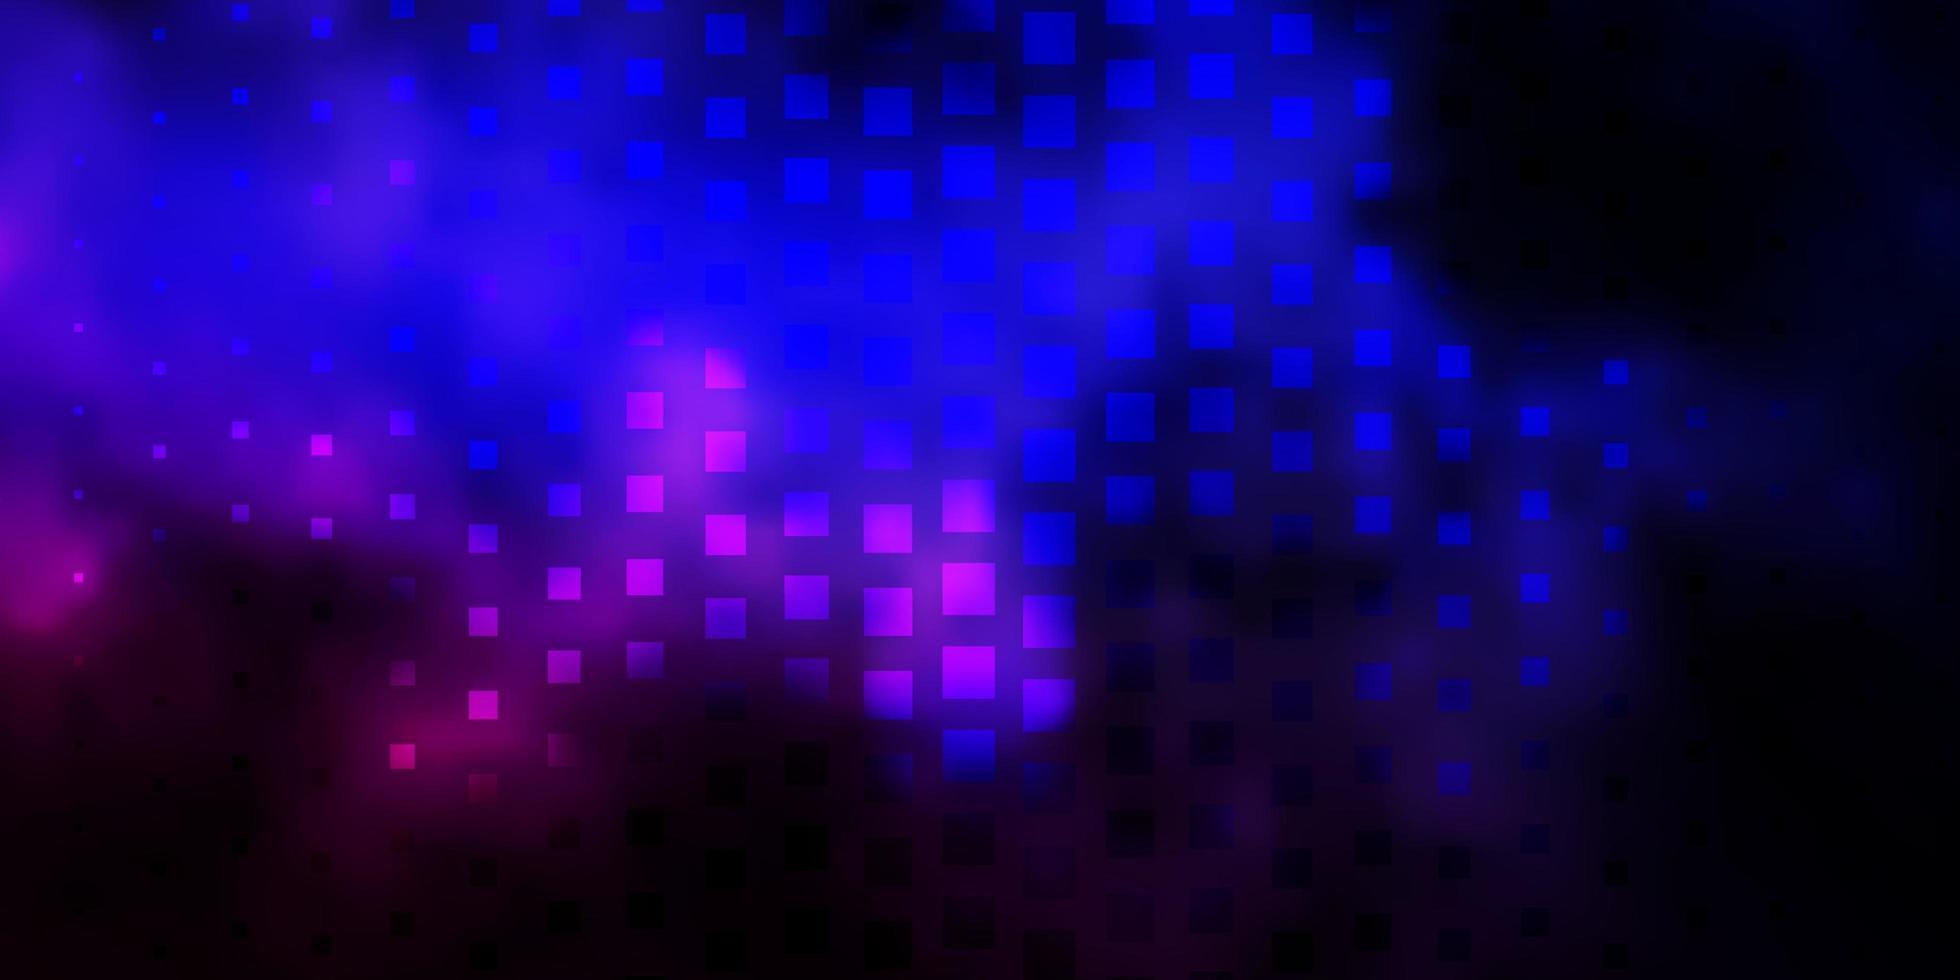 sfondo vettoriale rosa scuro, blu in stile poligonale.